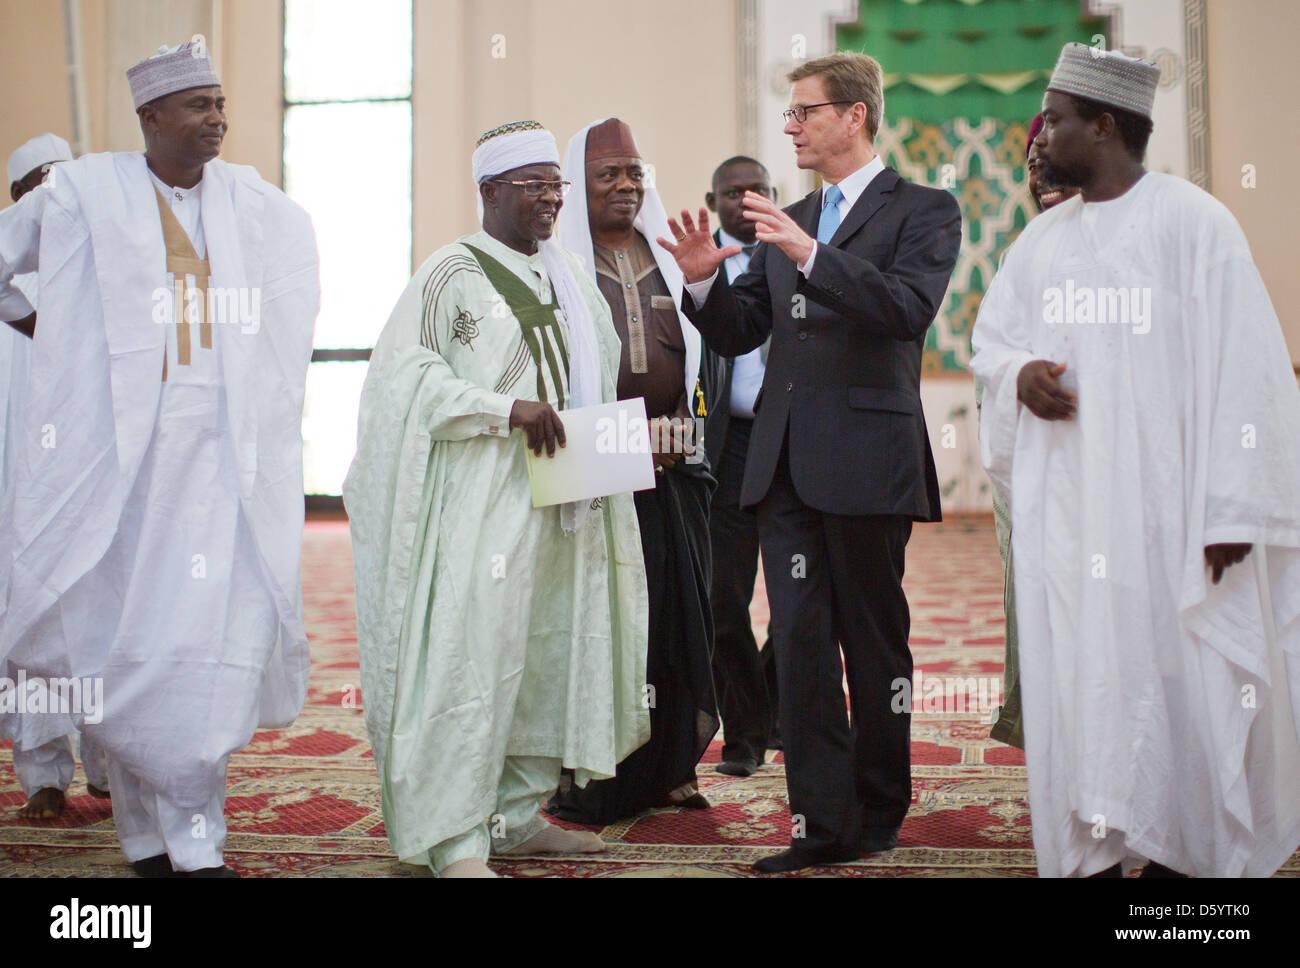 Außenminister Guido Westerwelle (FDP,2.v R) Spricht Mit Dem Exekutivsekretär der Nationalmoschee, Ibrahim Stockbild